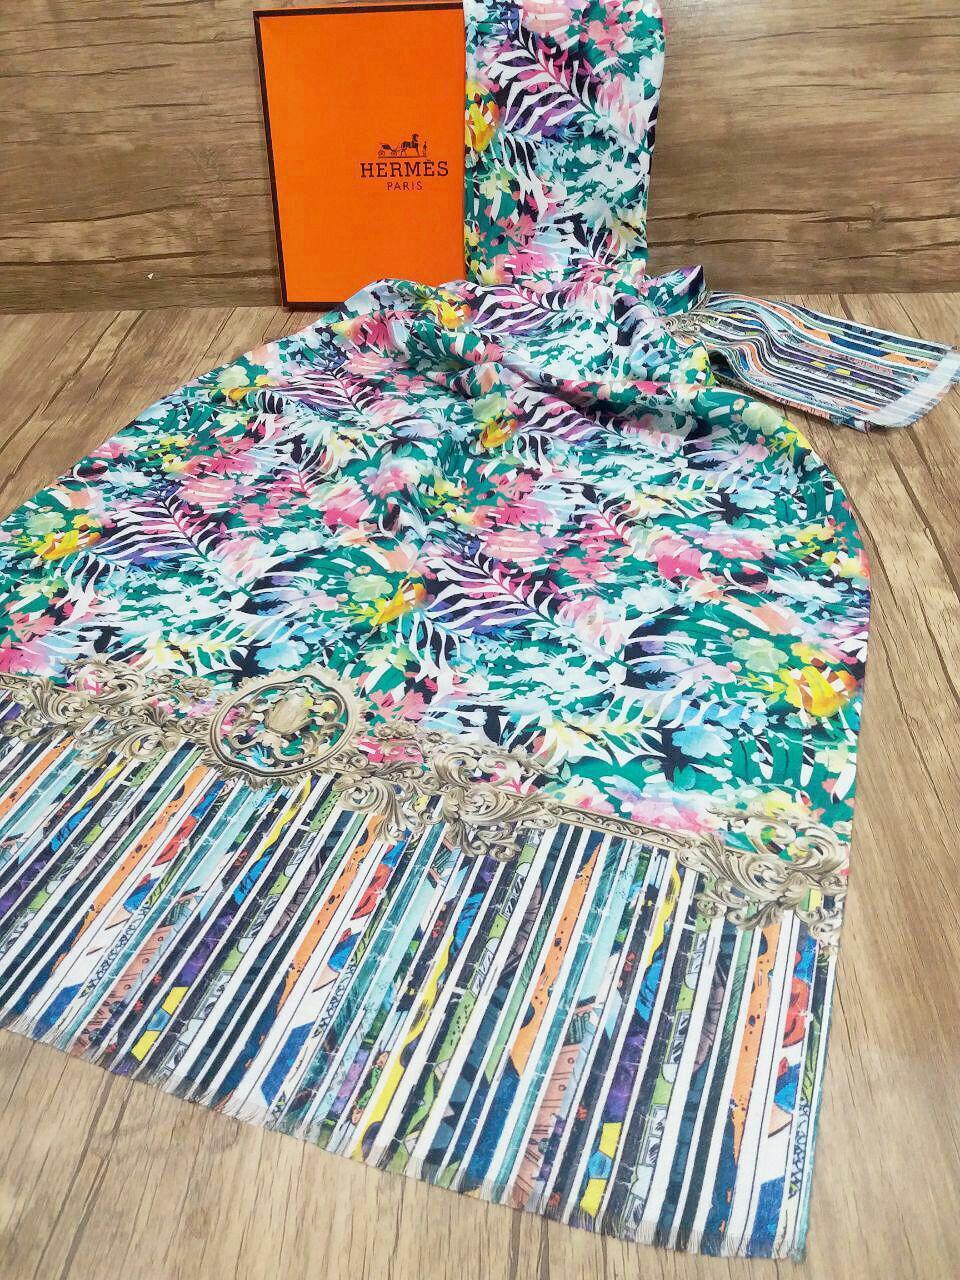 شال پاییزه جدید موهر چاپ دیجیتالsr-n238 از نمای بالا